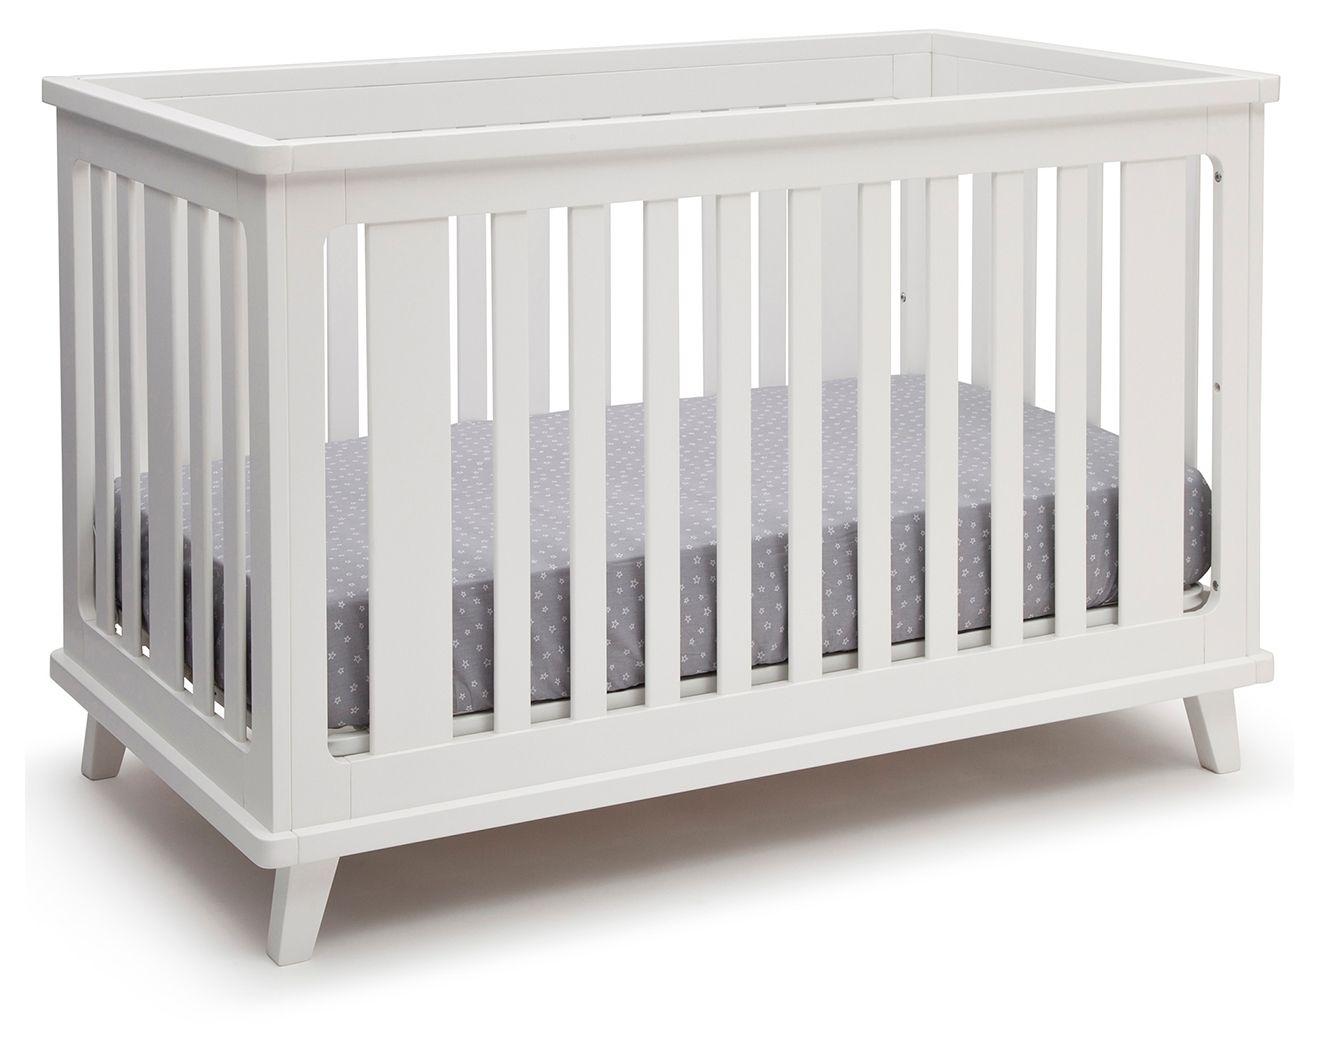 Delta Children Ava 3 In 1 Convertible Crib White In 2020 Delta